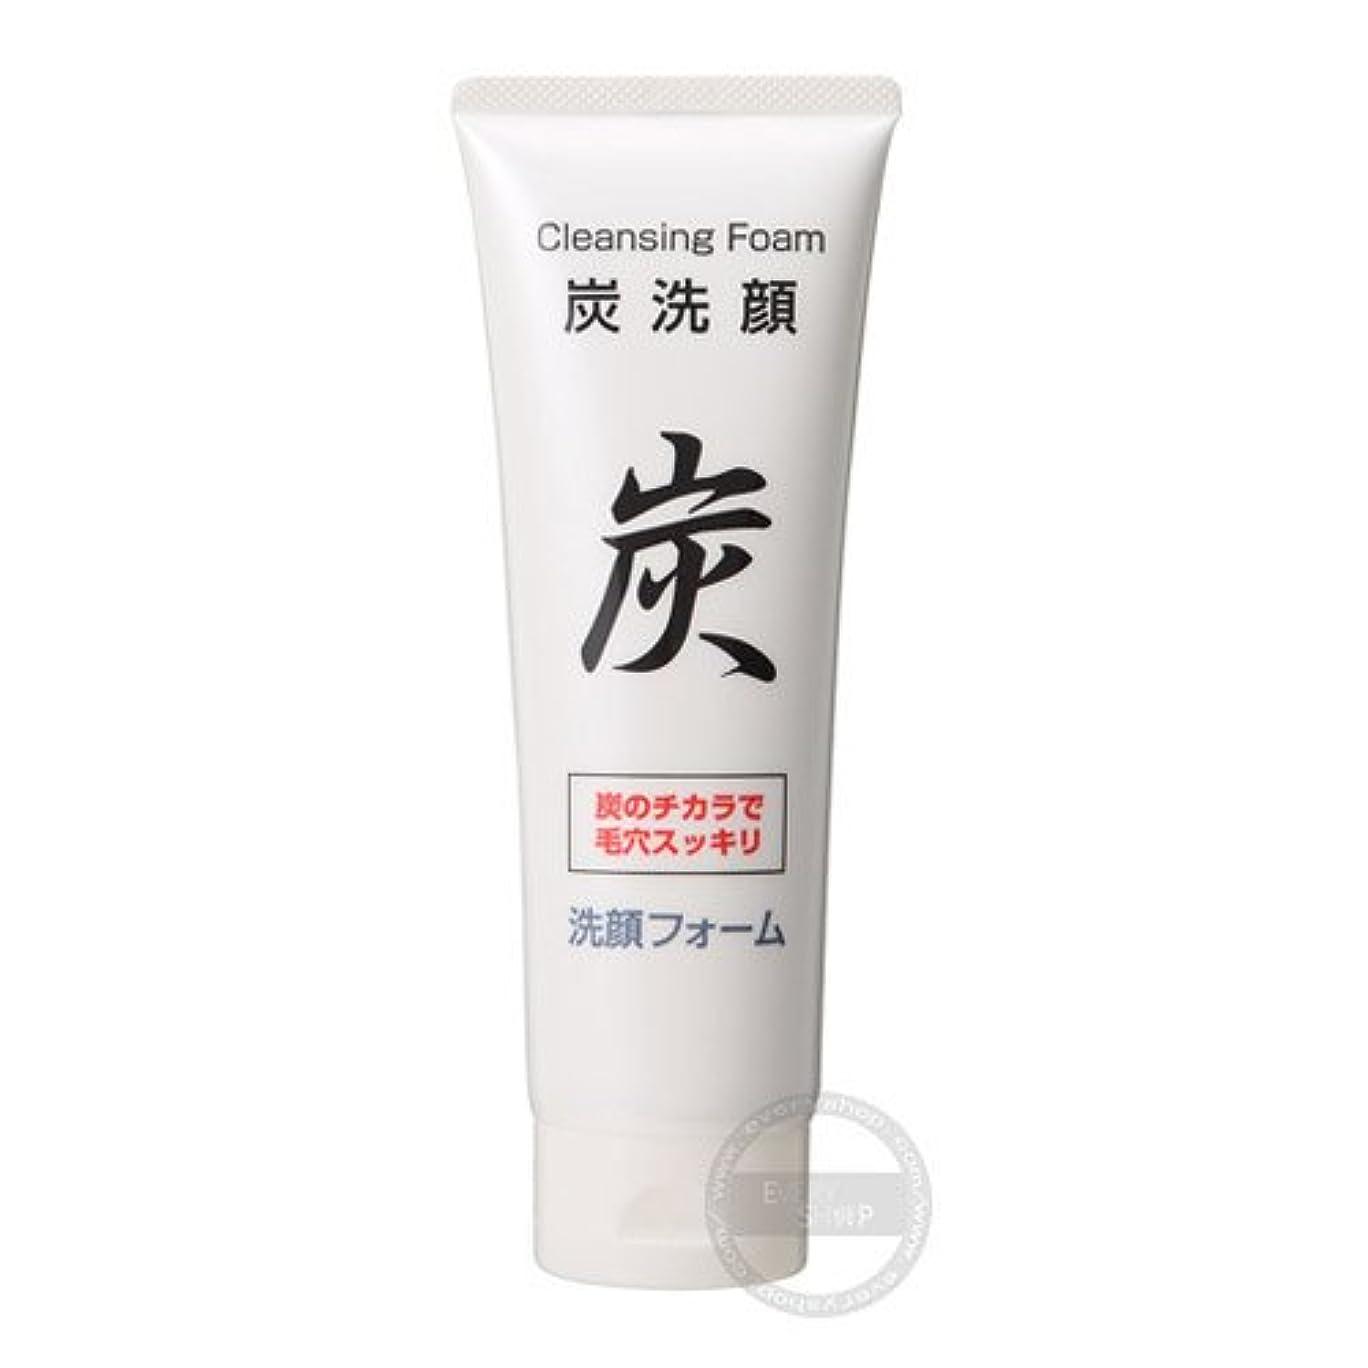 余分な恐怖症キラウエア山炭洗顔 洗顔フォーム‐KH544725